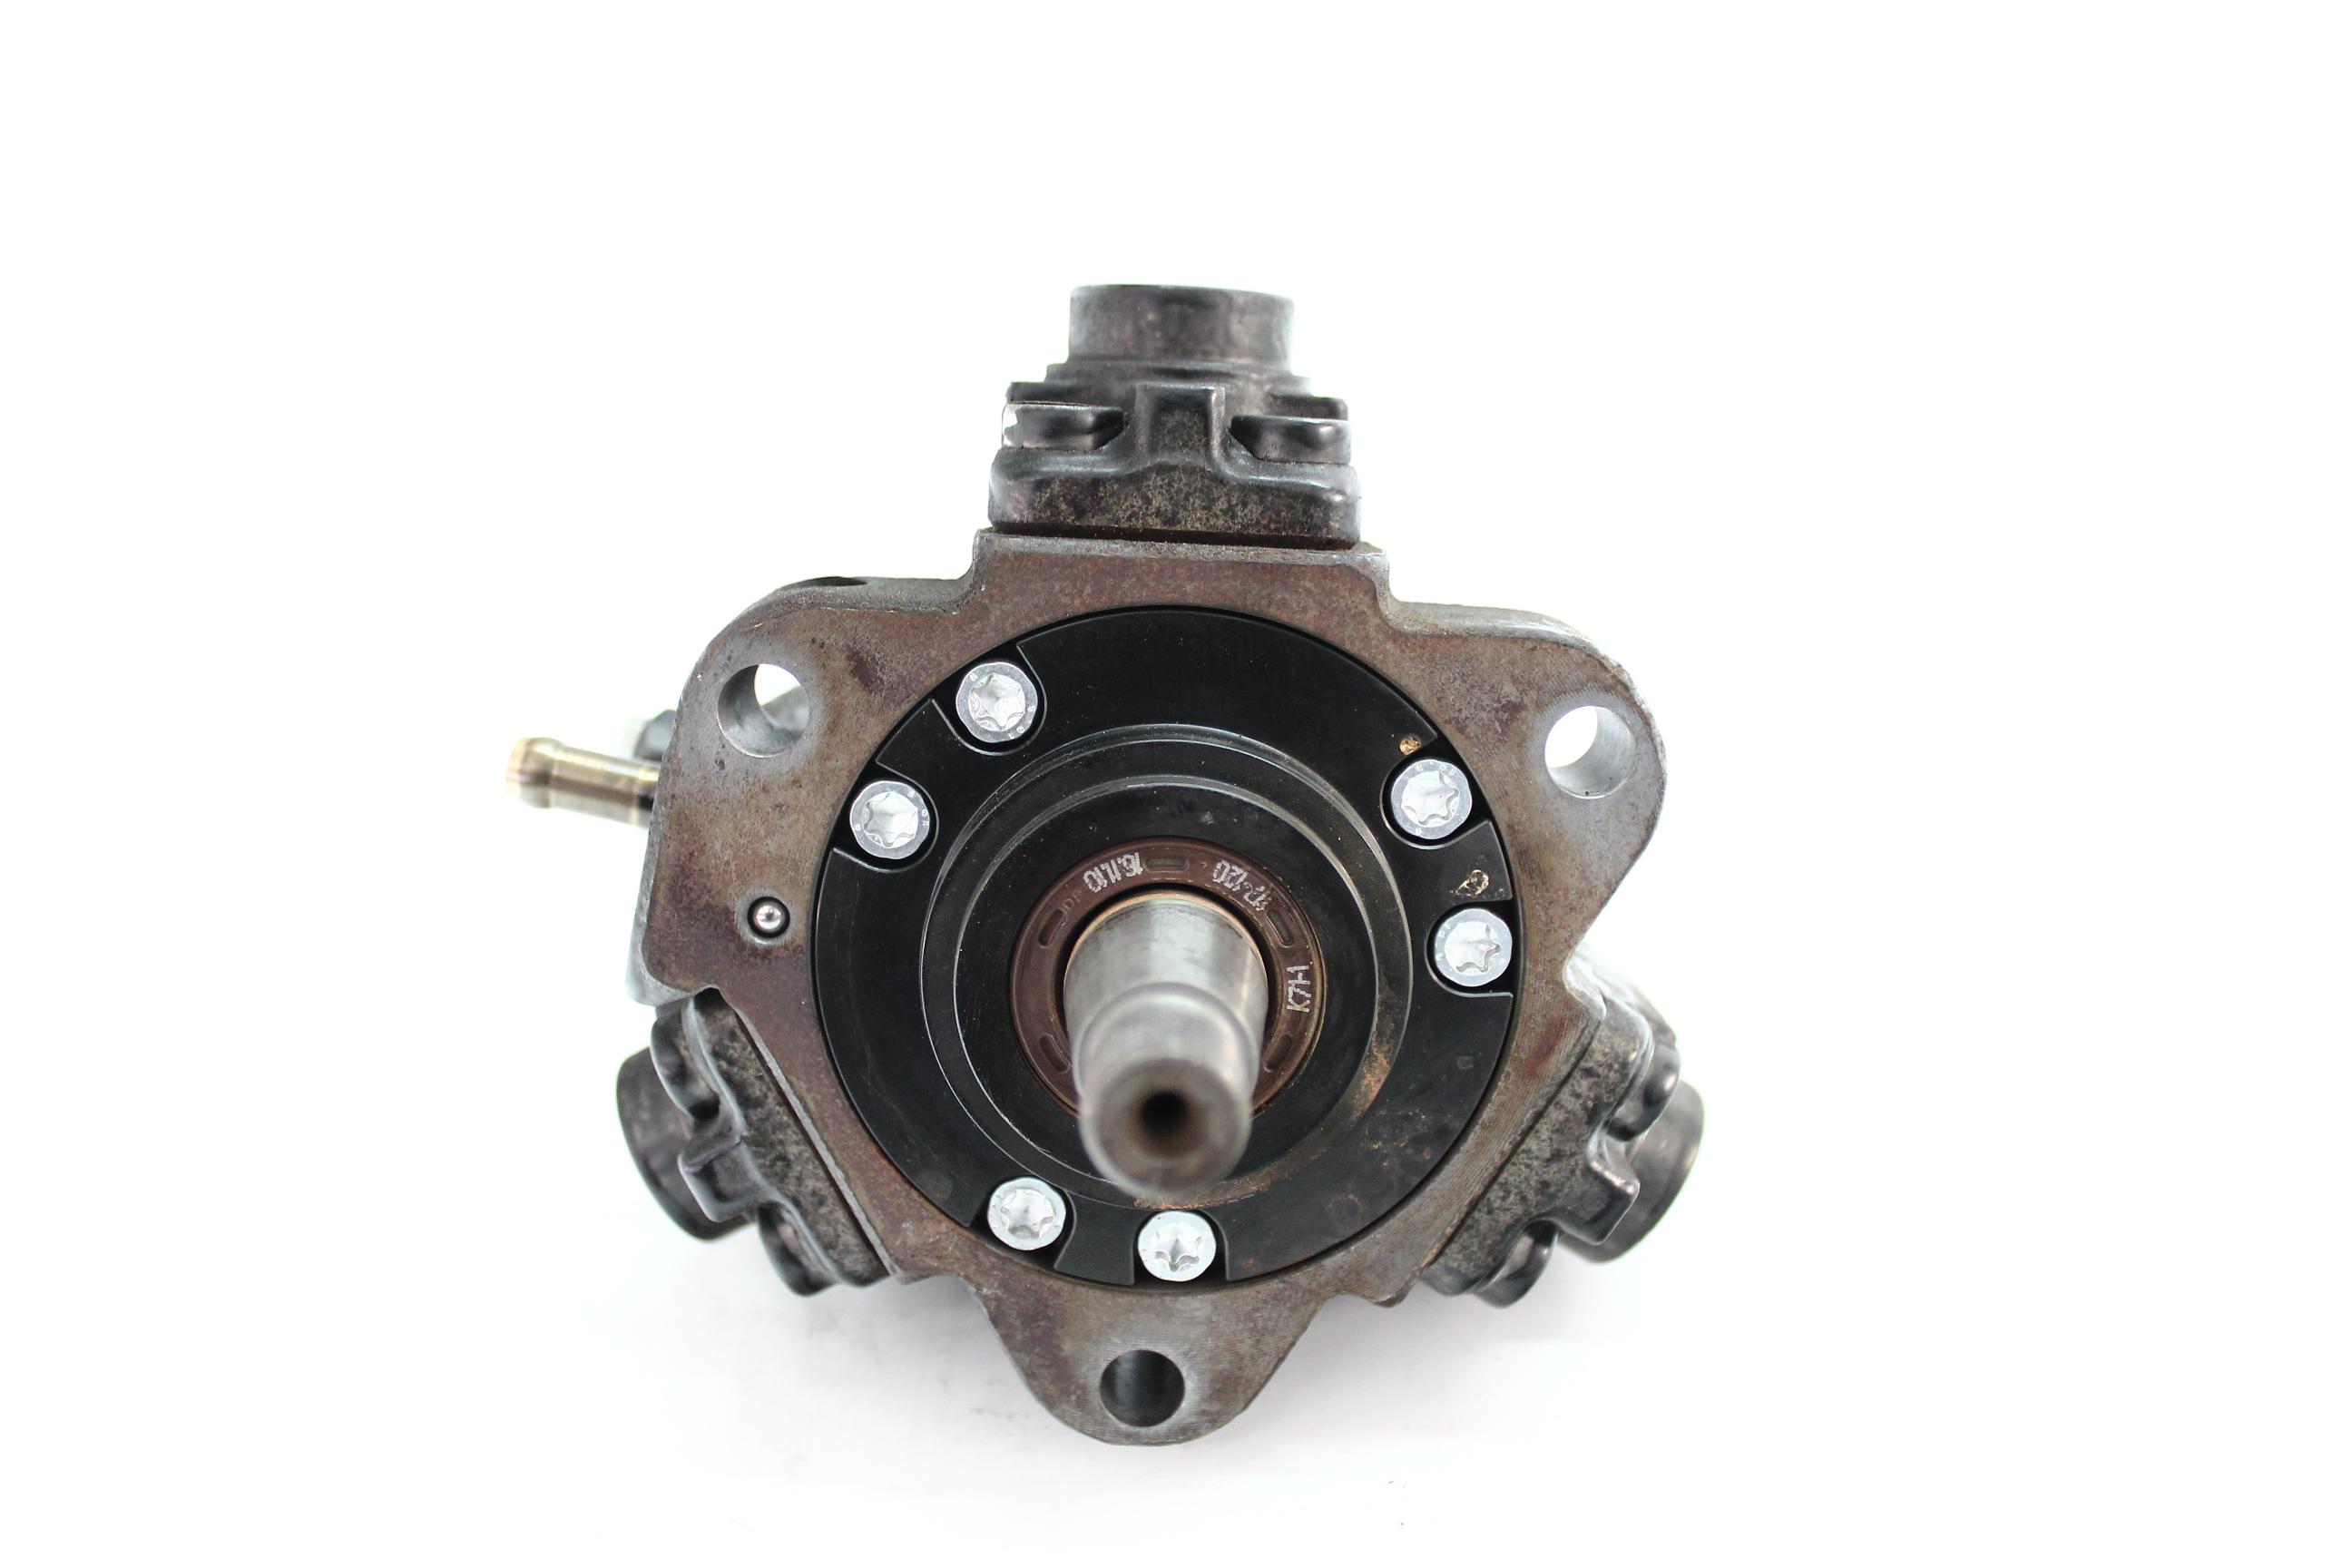 Hochdruckpumpe Opel Insignia Zafira 2,0 CDTI Diesel A20DT 55571005